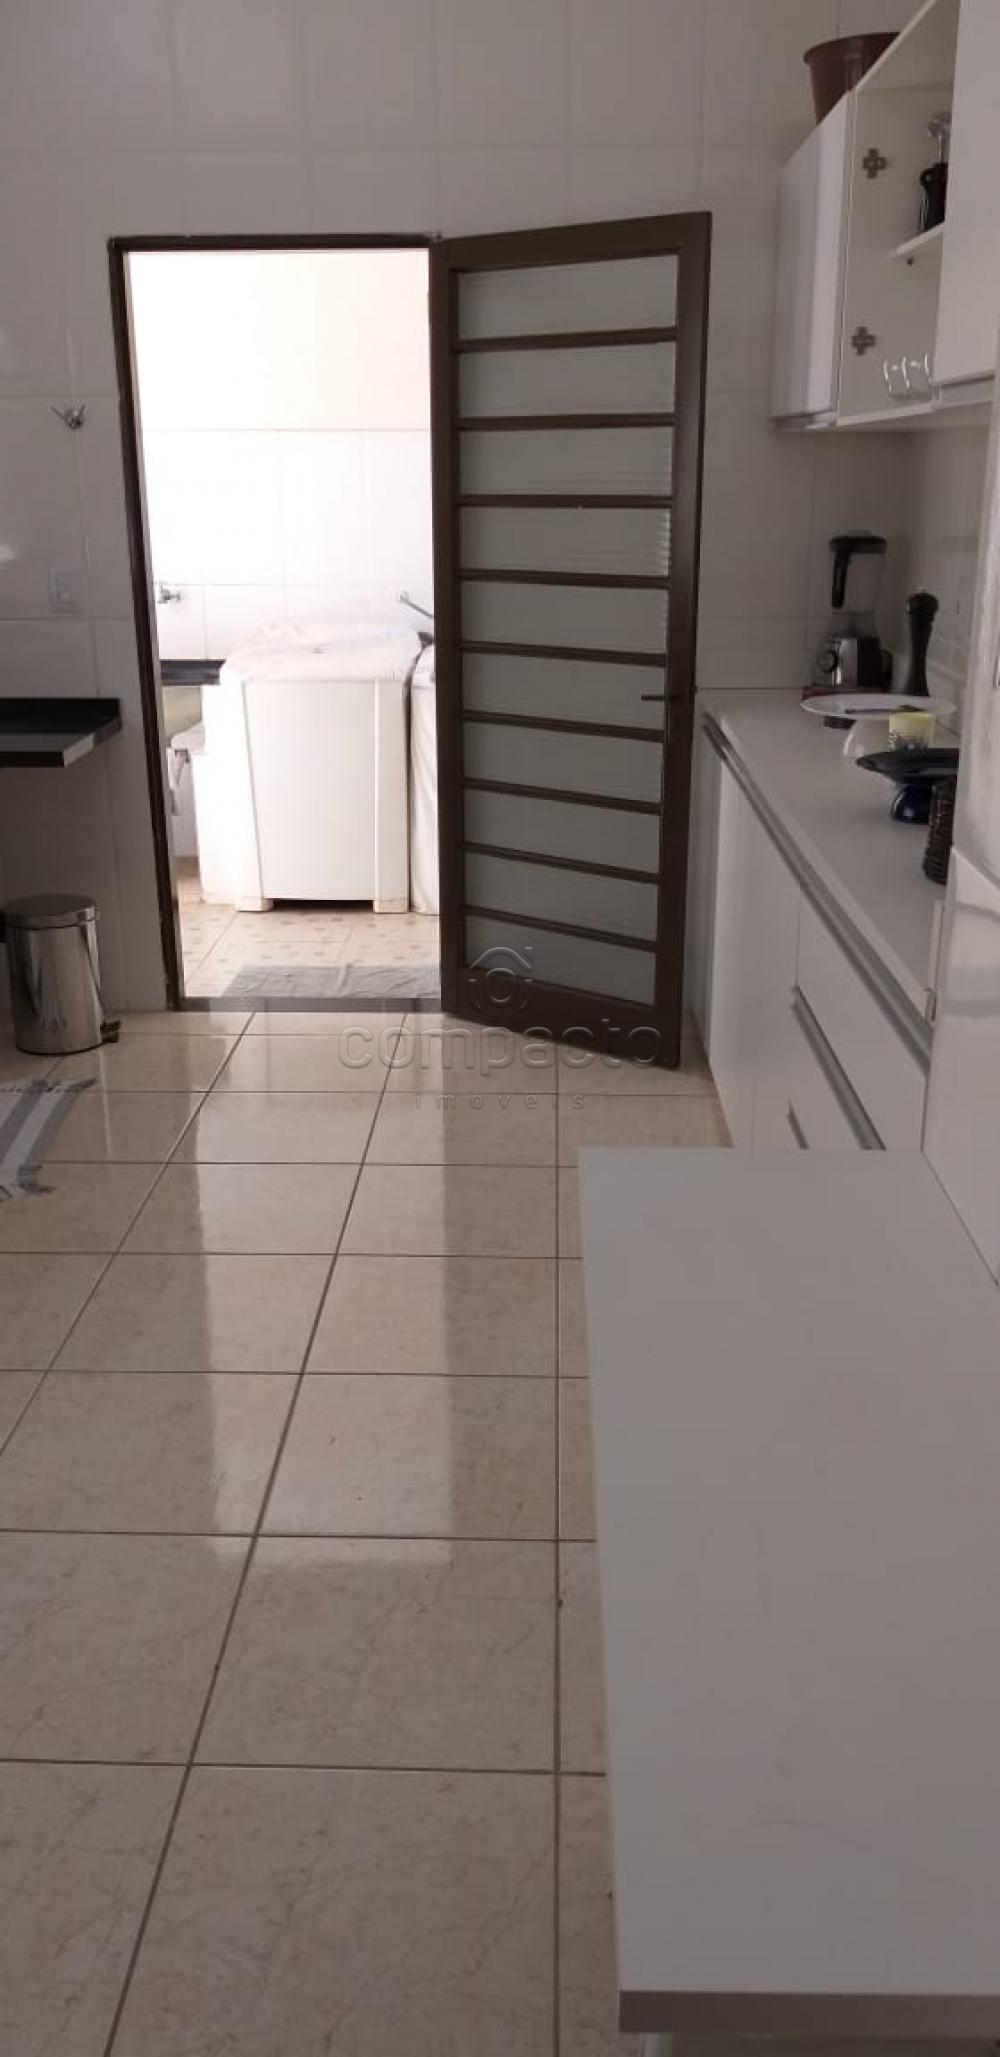 Comprar Casa / Padrão em São José do Rio Preto apenas R$ 420.000,00 - Foto 18